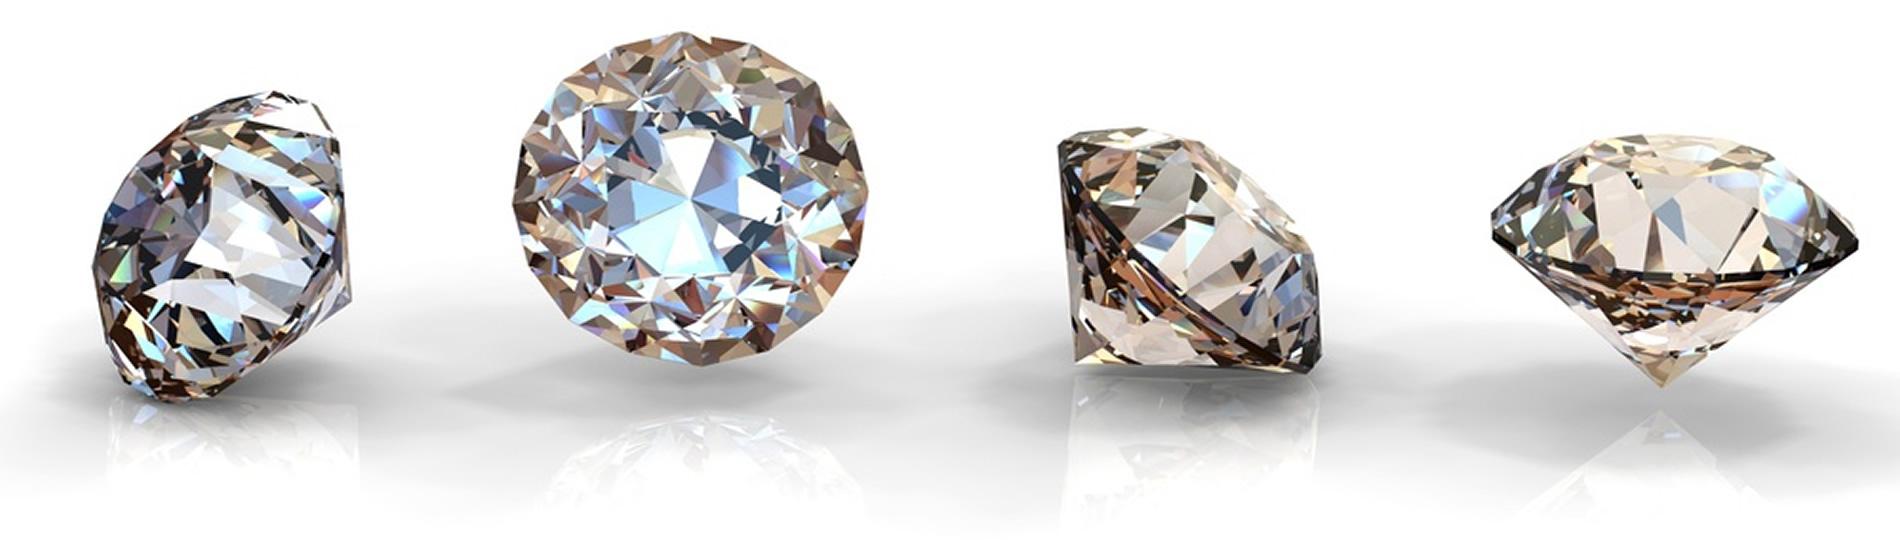 Лучшая чистота и цвет бриллианта